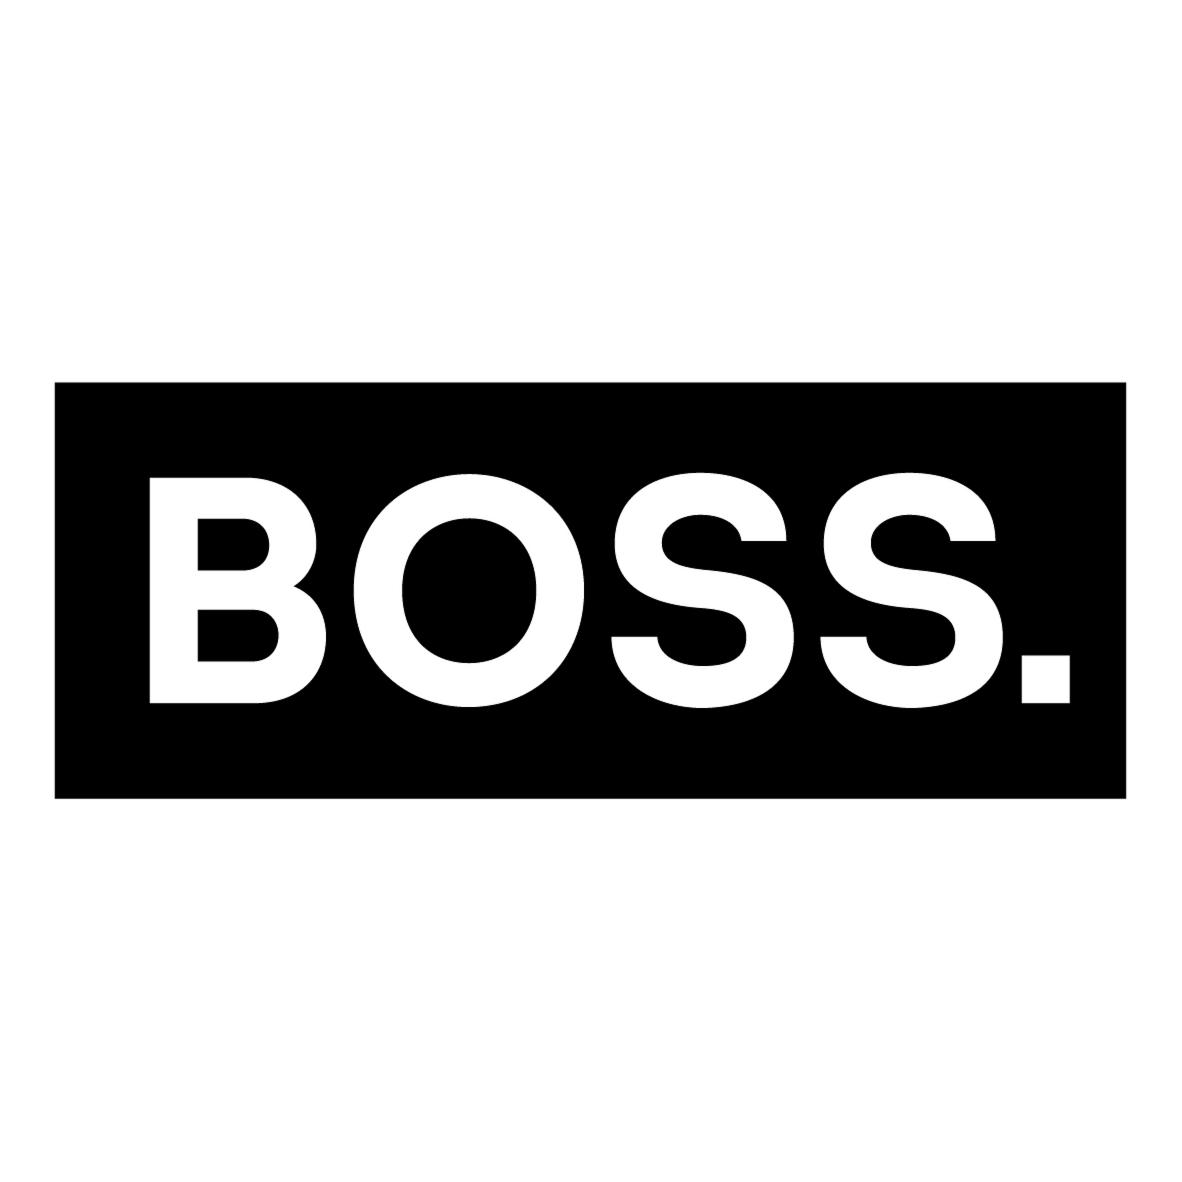 BOSS. Gaming solutions logo